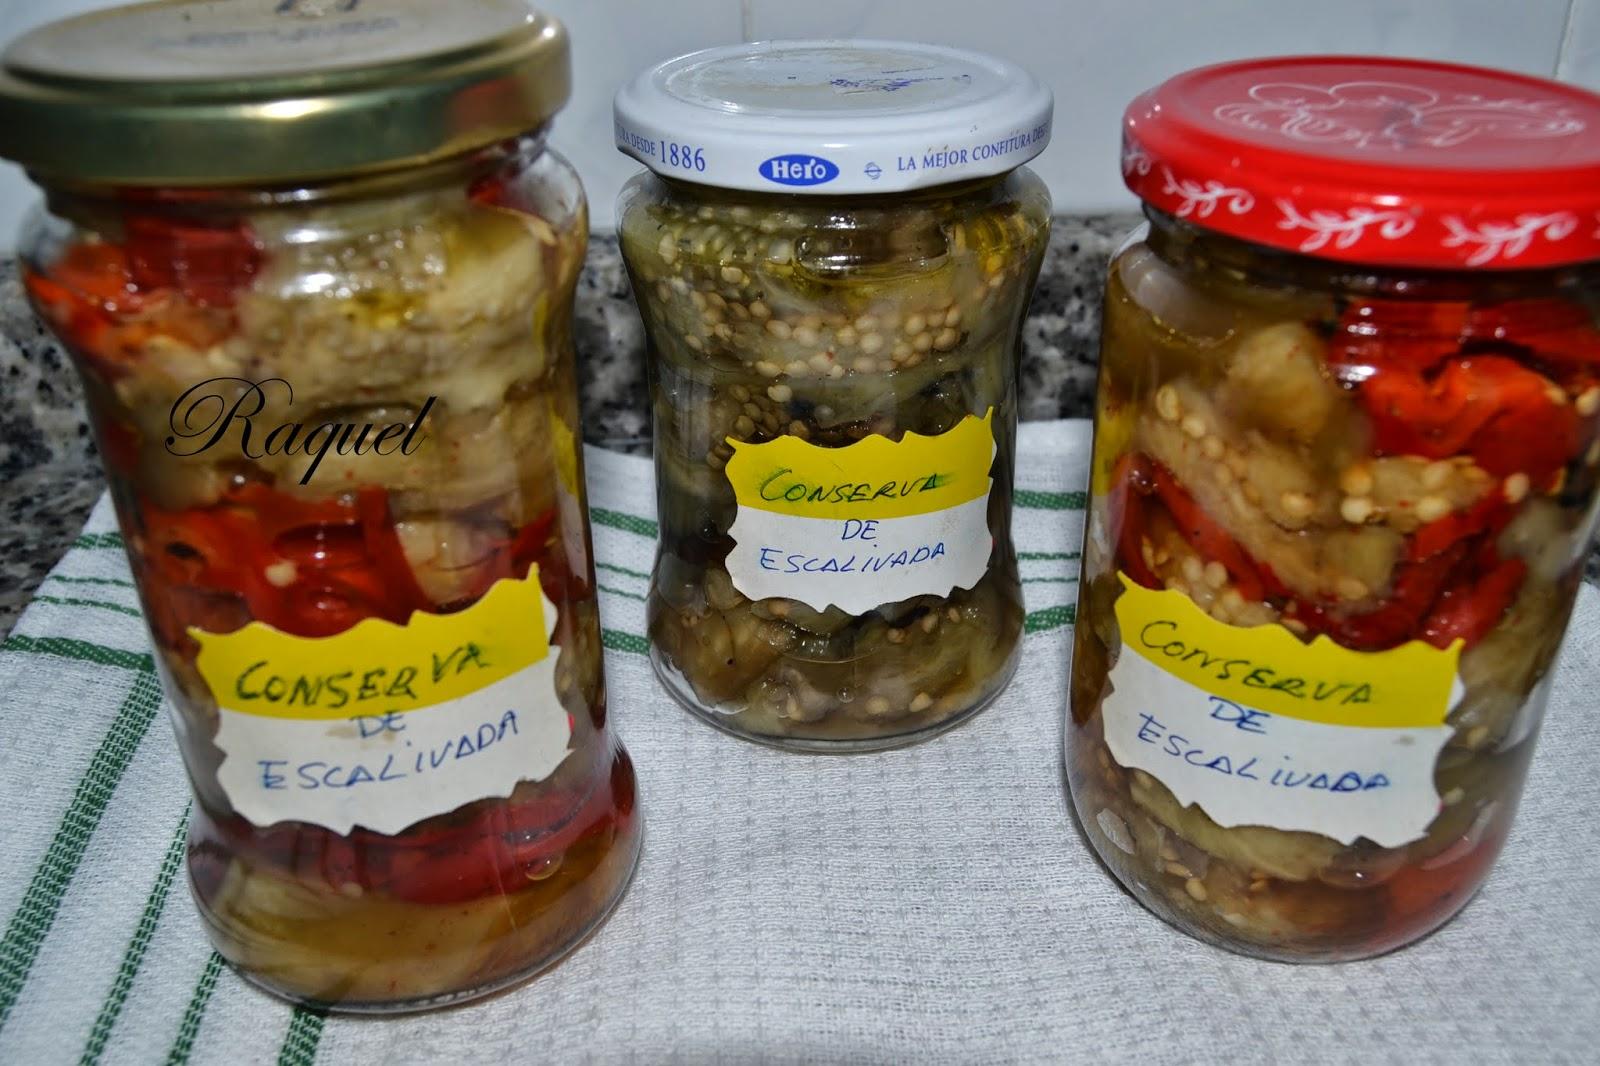 Berenjenas conserva cocinar en casa es - Cocinar con conservas ...